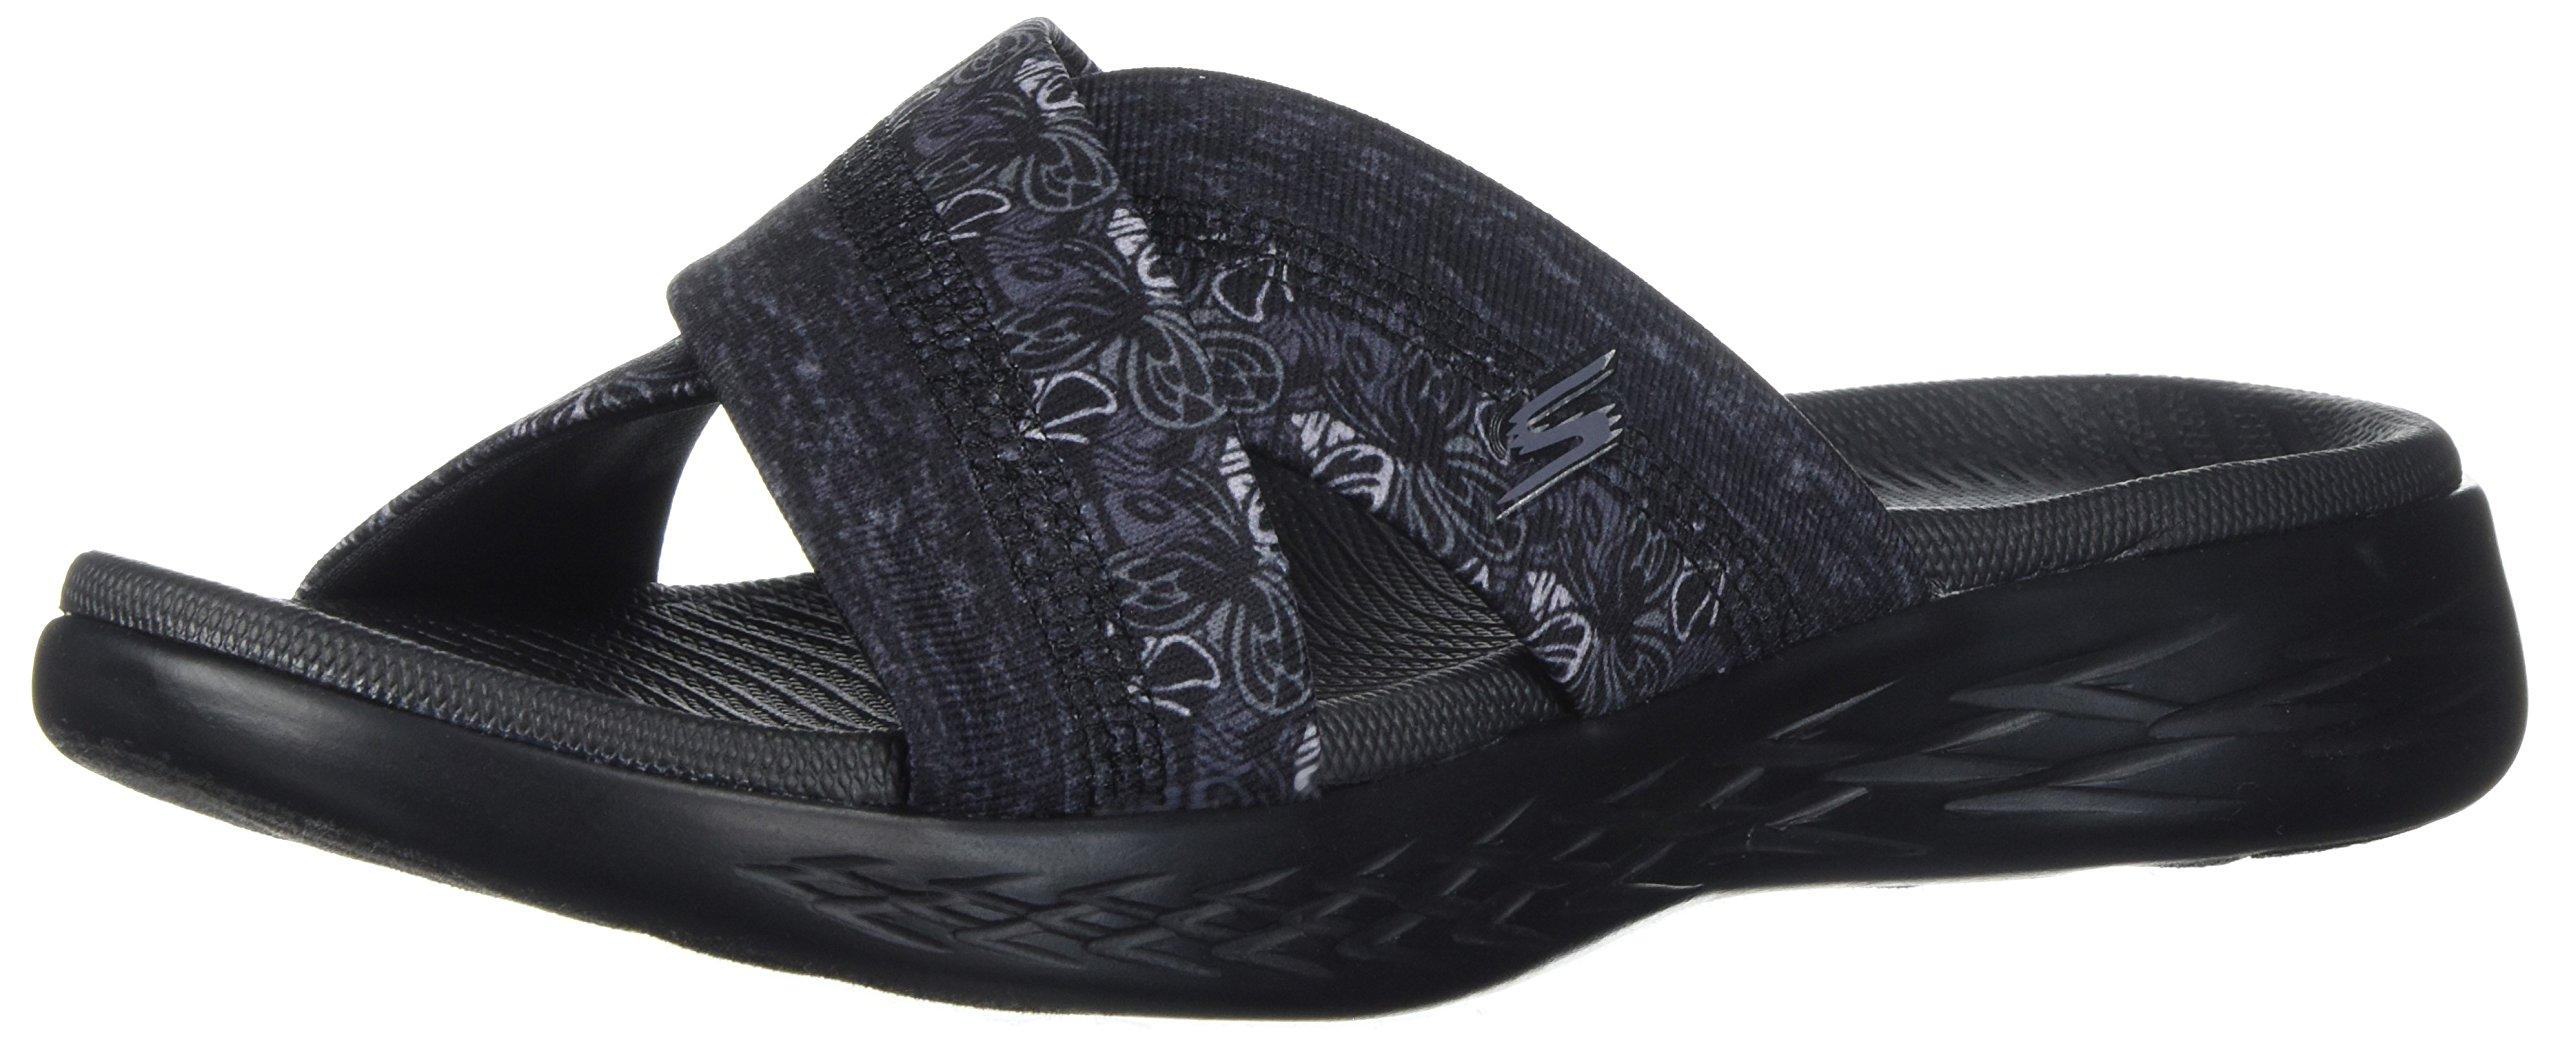 Skechers Women's on -The-Go 600-Monarch Slide Sandal, Black, 8 M US